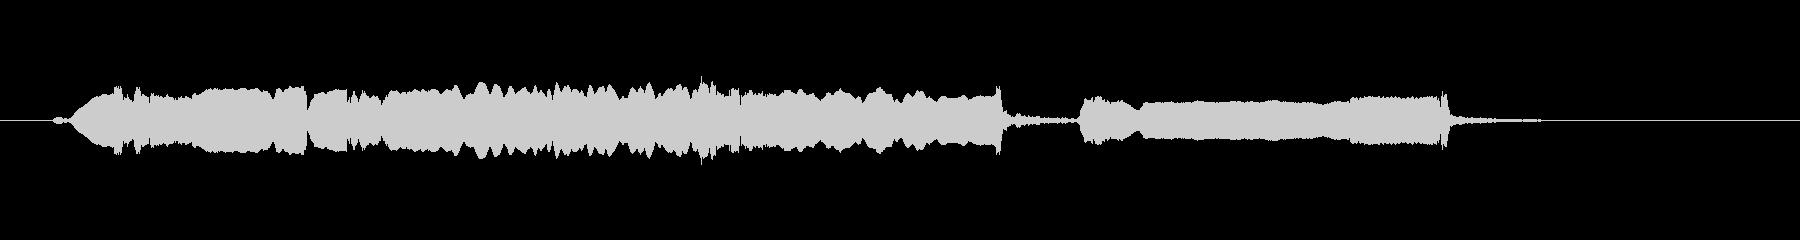 和風 篠笛生演奏のジングル02の未再生の波形